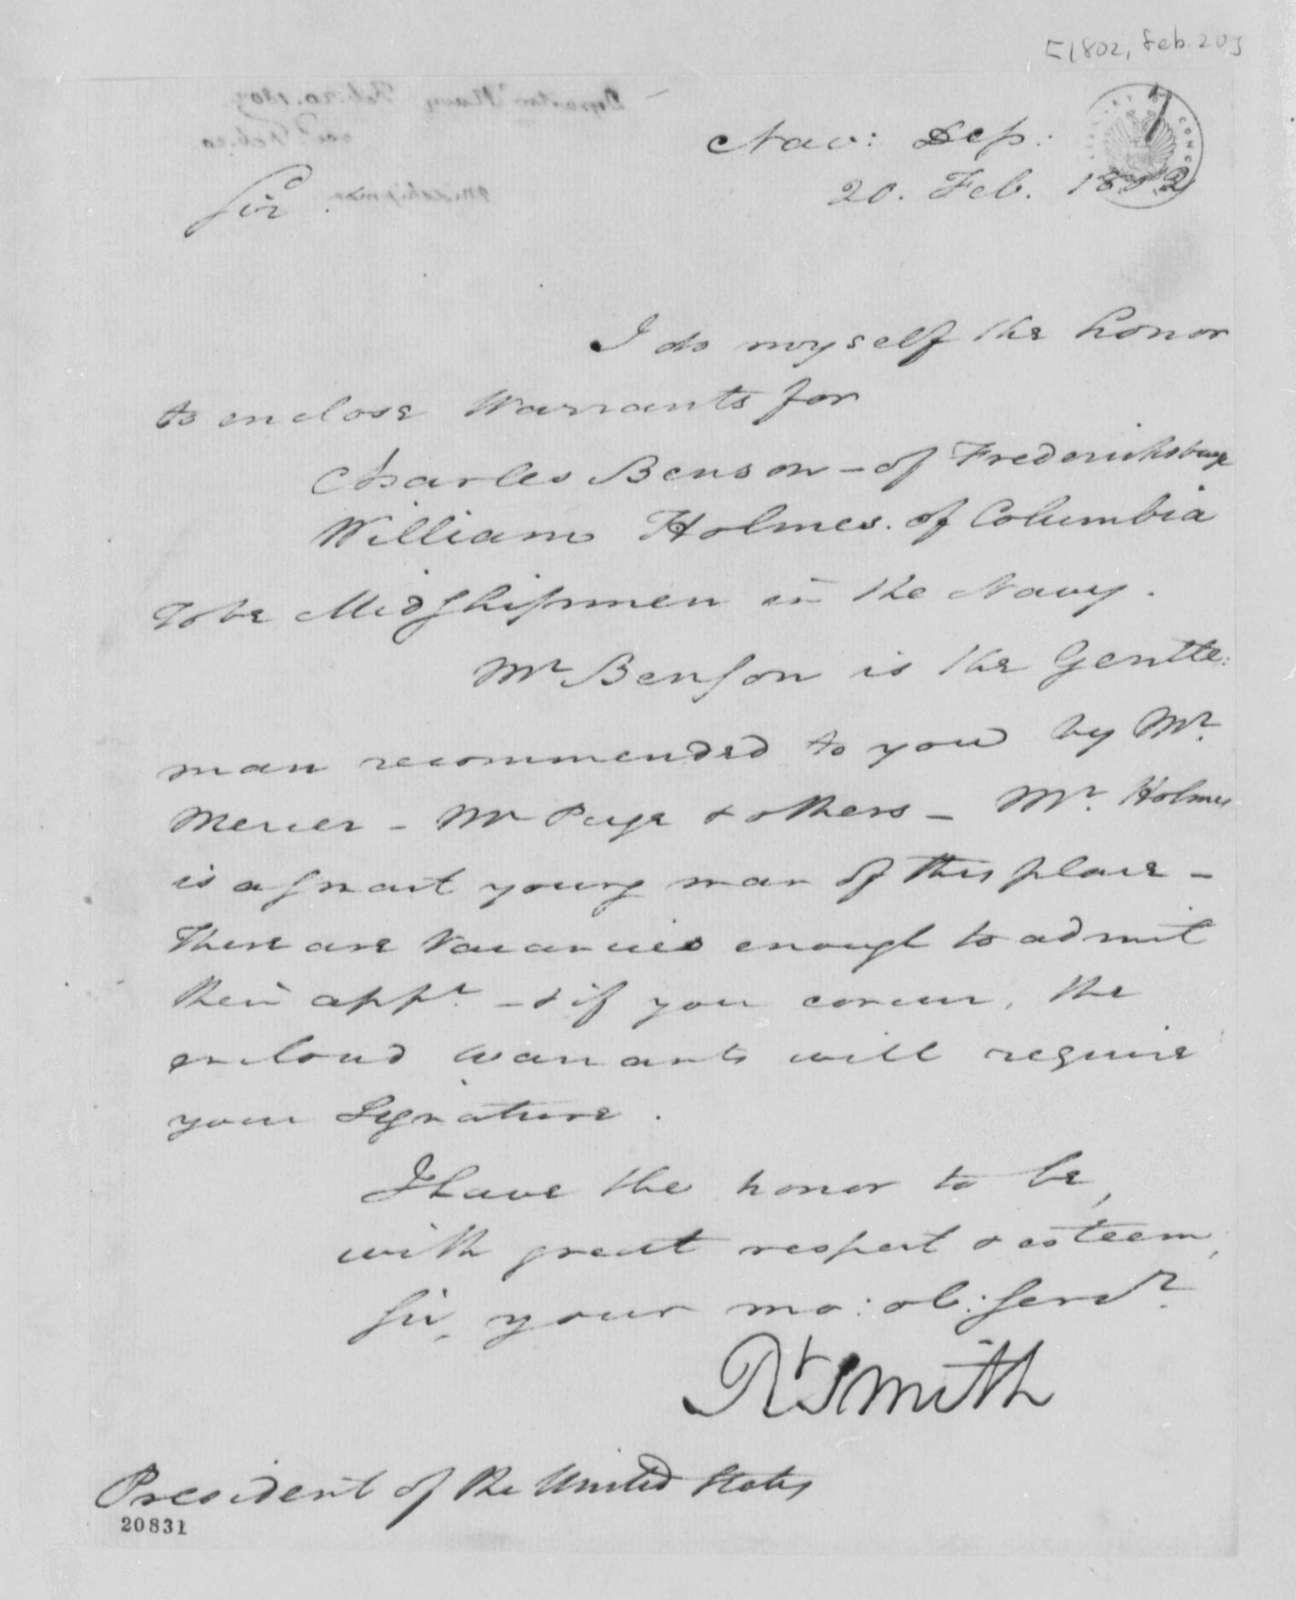 Robert Smith to Thomas Jefferson, February 20, 1802